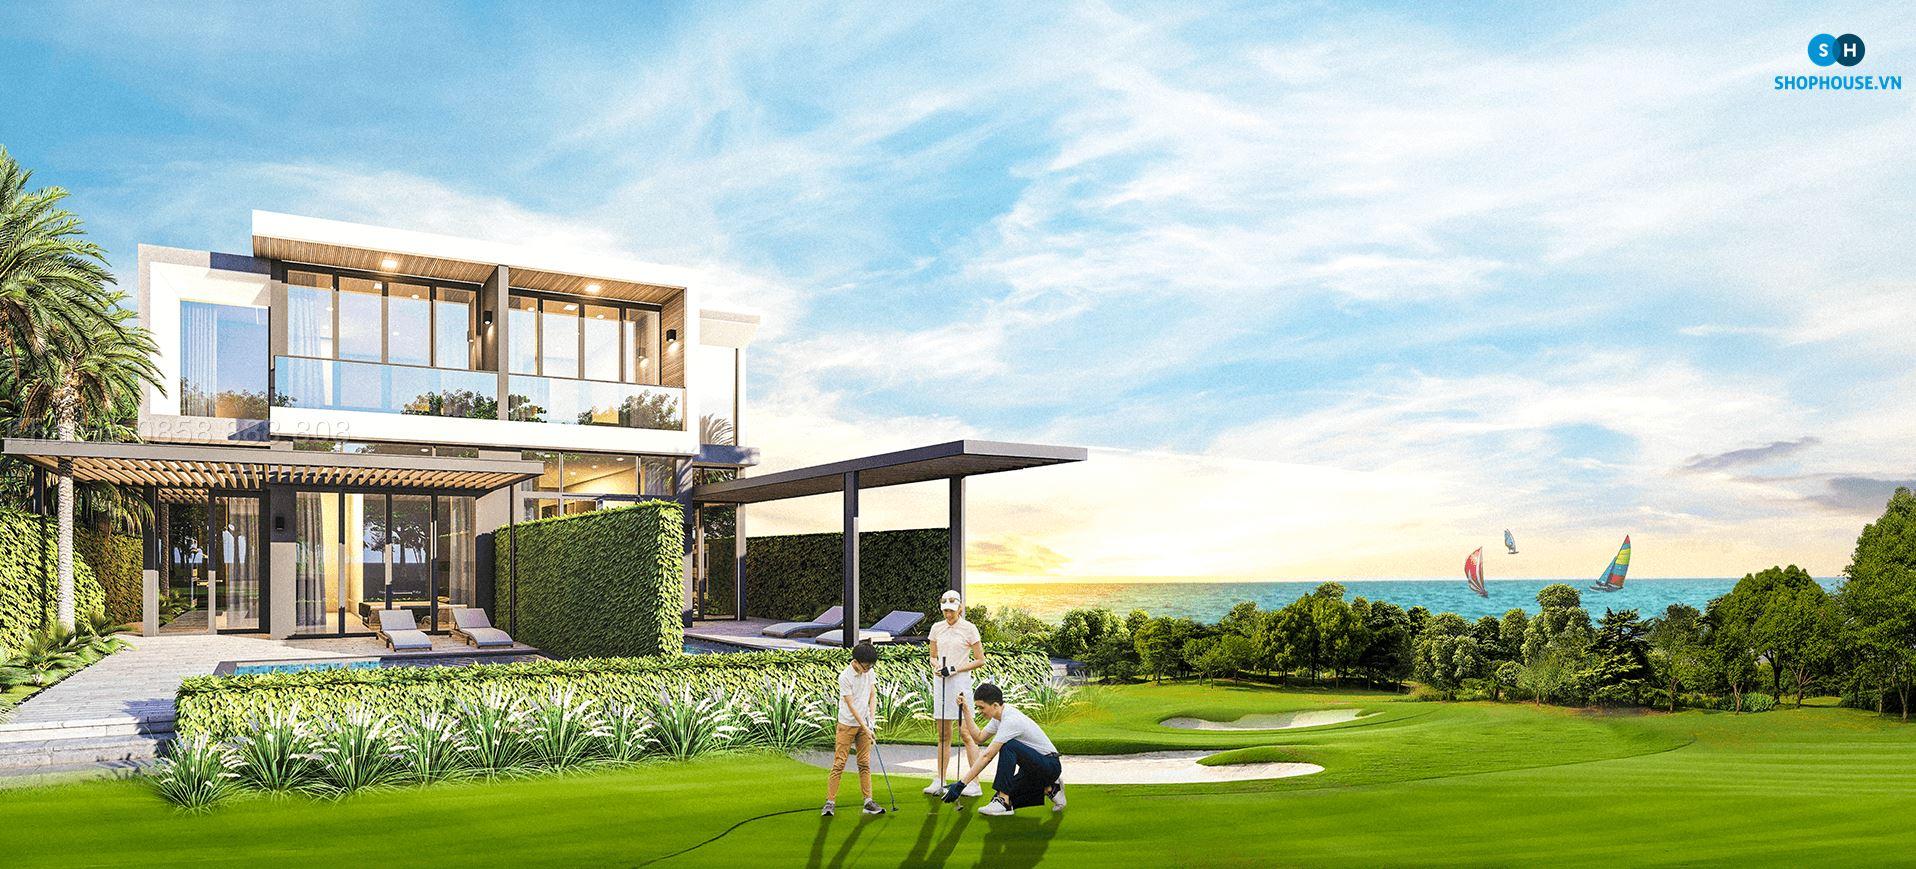 view-pga-golf-villas-garden-novaworld